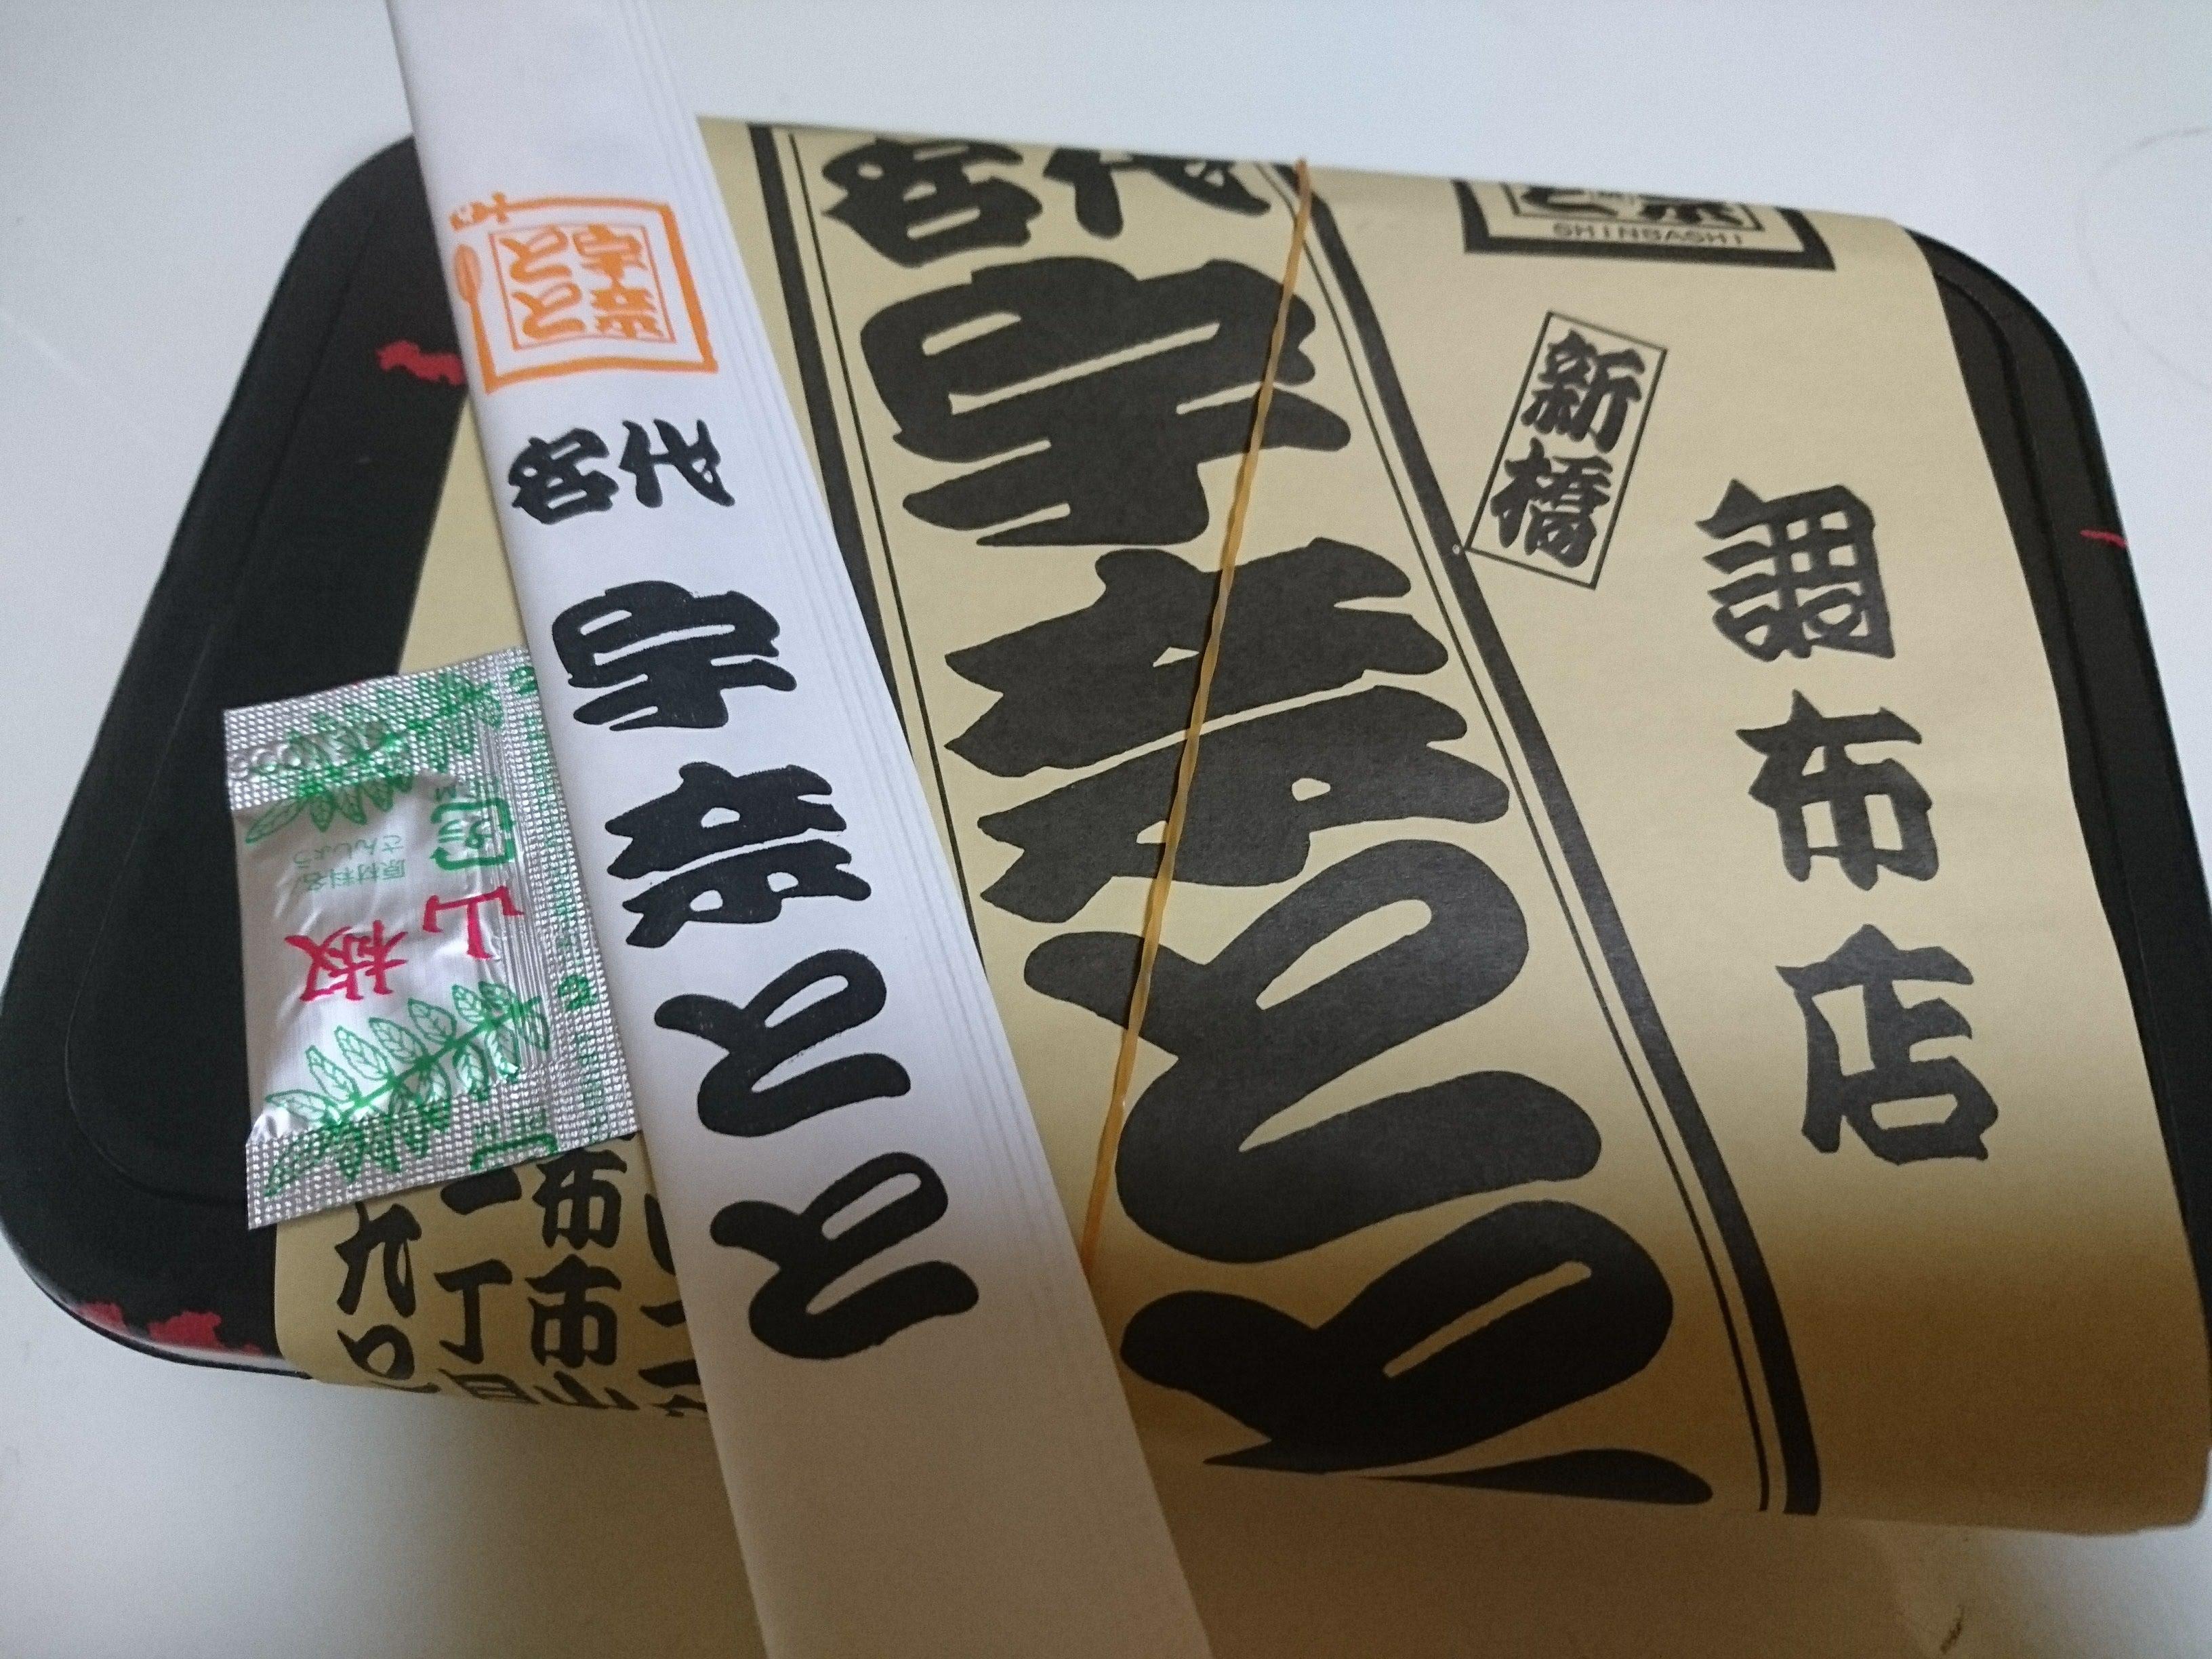 宇奈とと 調布店「うな重」800円